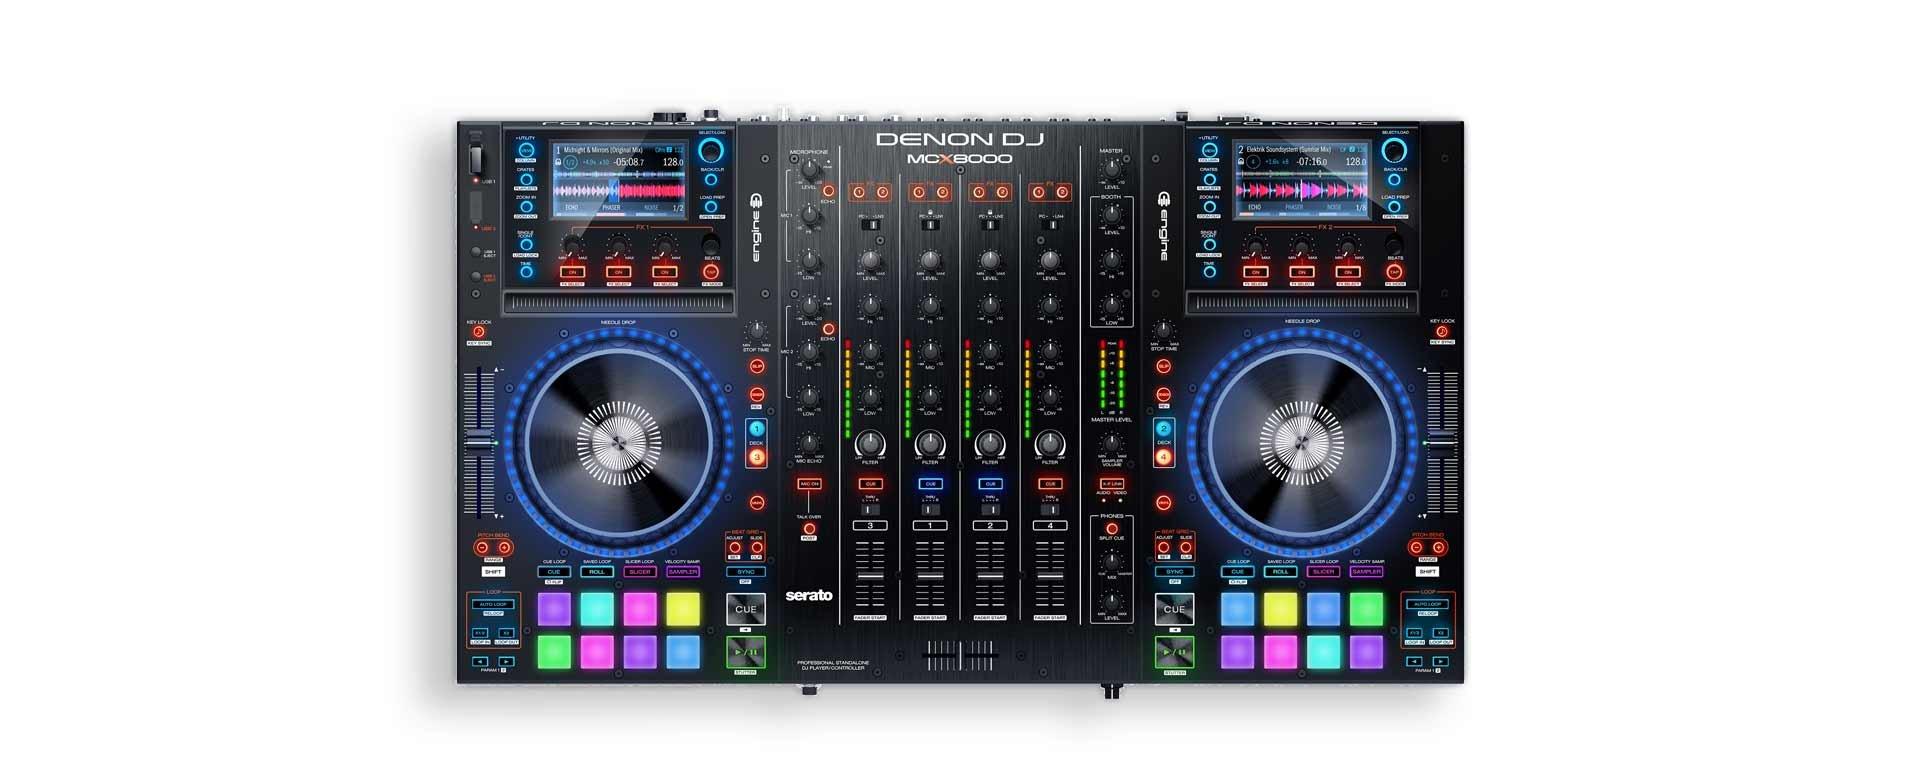 Denon DJ MCX8000 - Professional 4 Channel Digital DJ Mixer